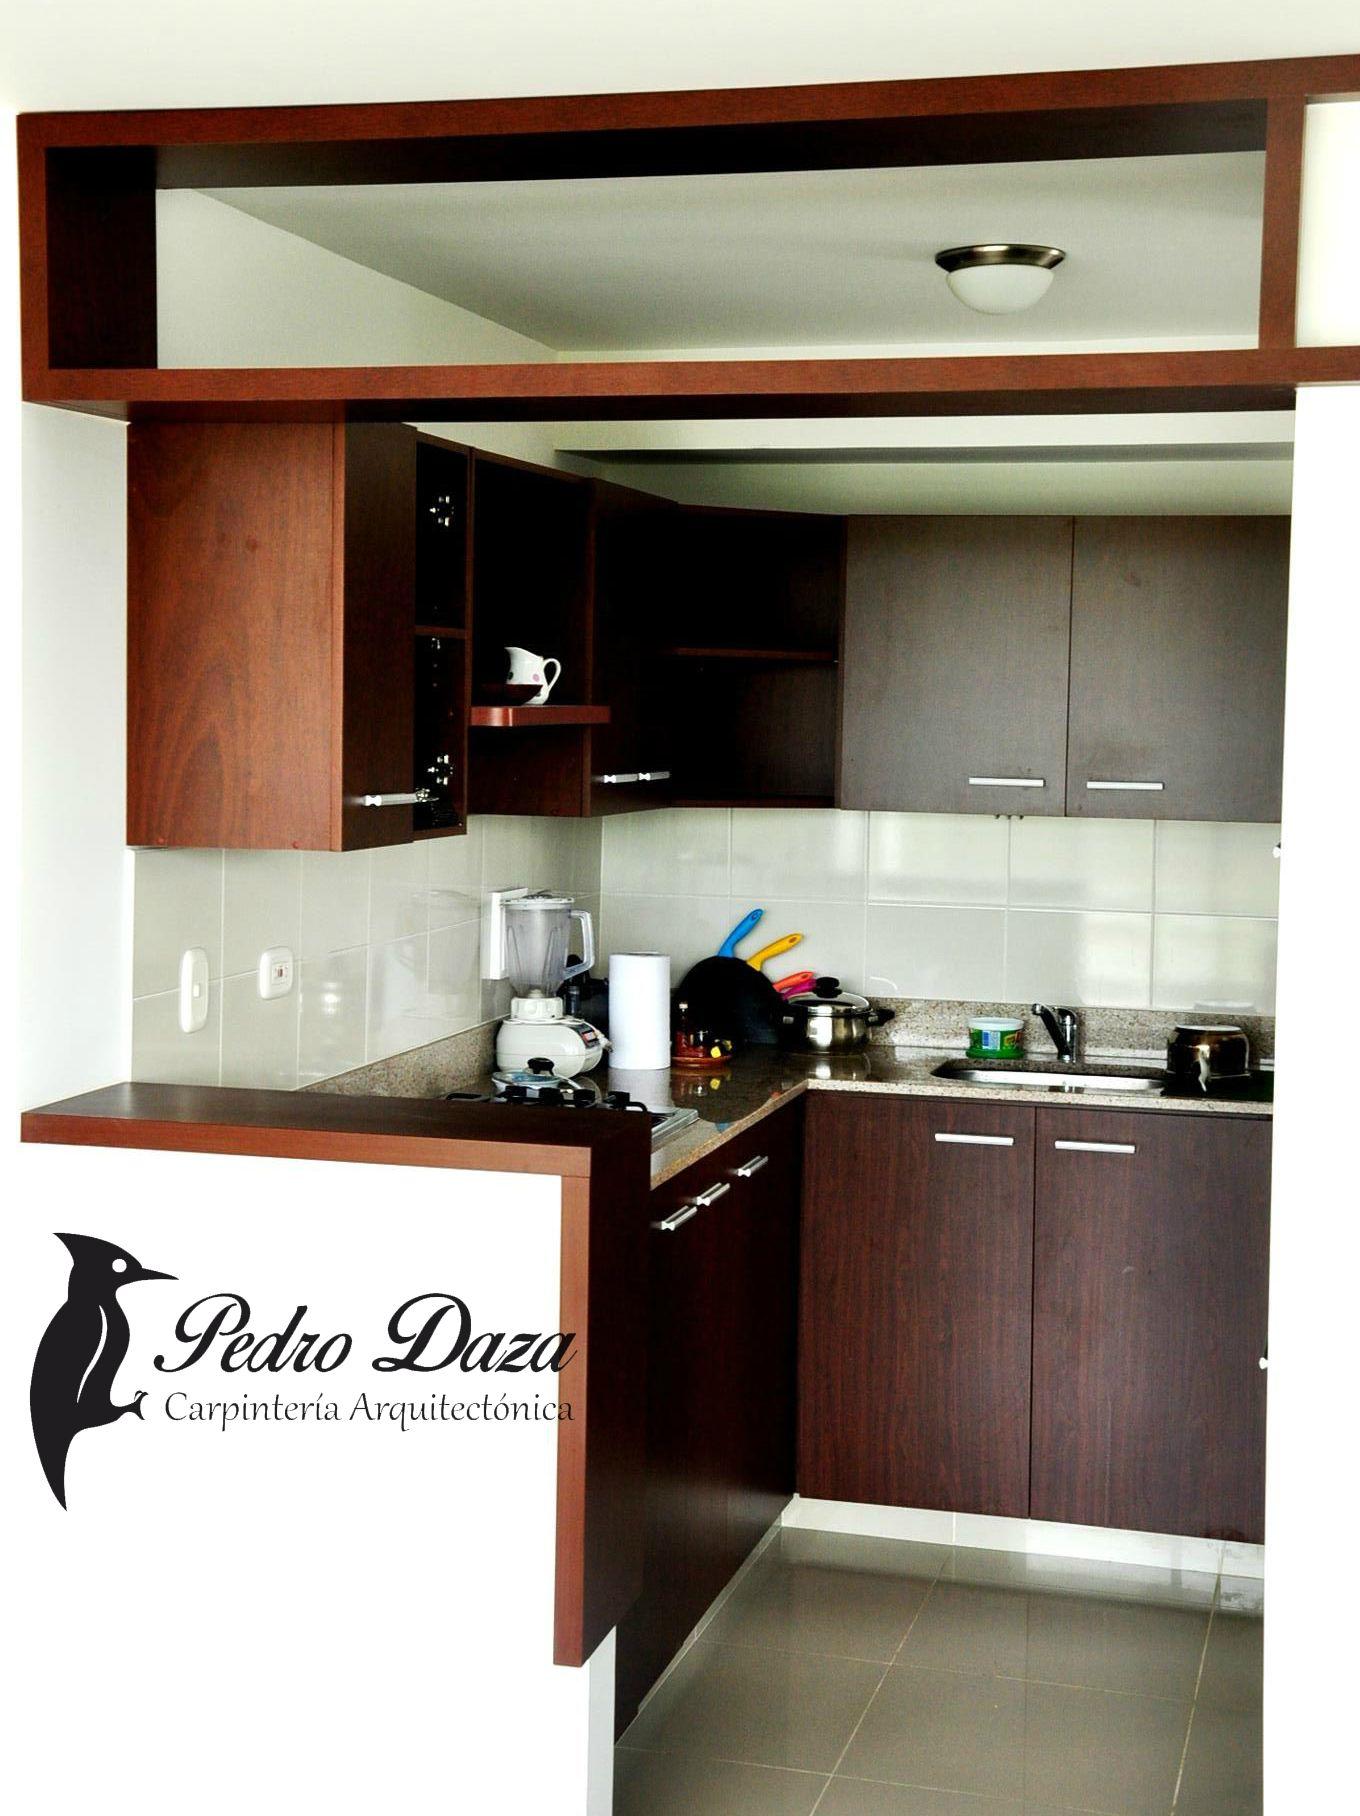 Cocina integral barra madera pedrodaza carpinteria for Medidas de cocinas integrales de madera